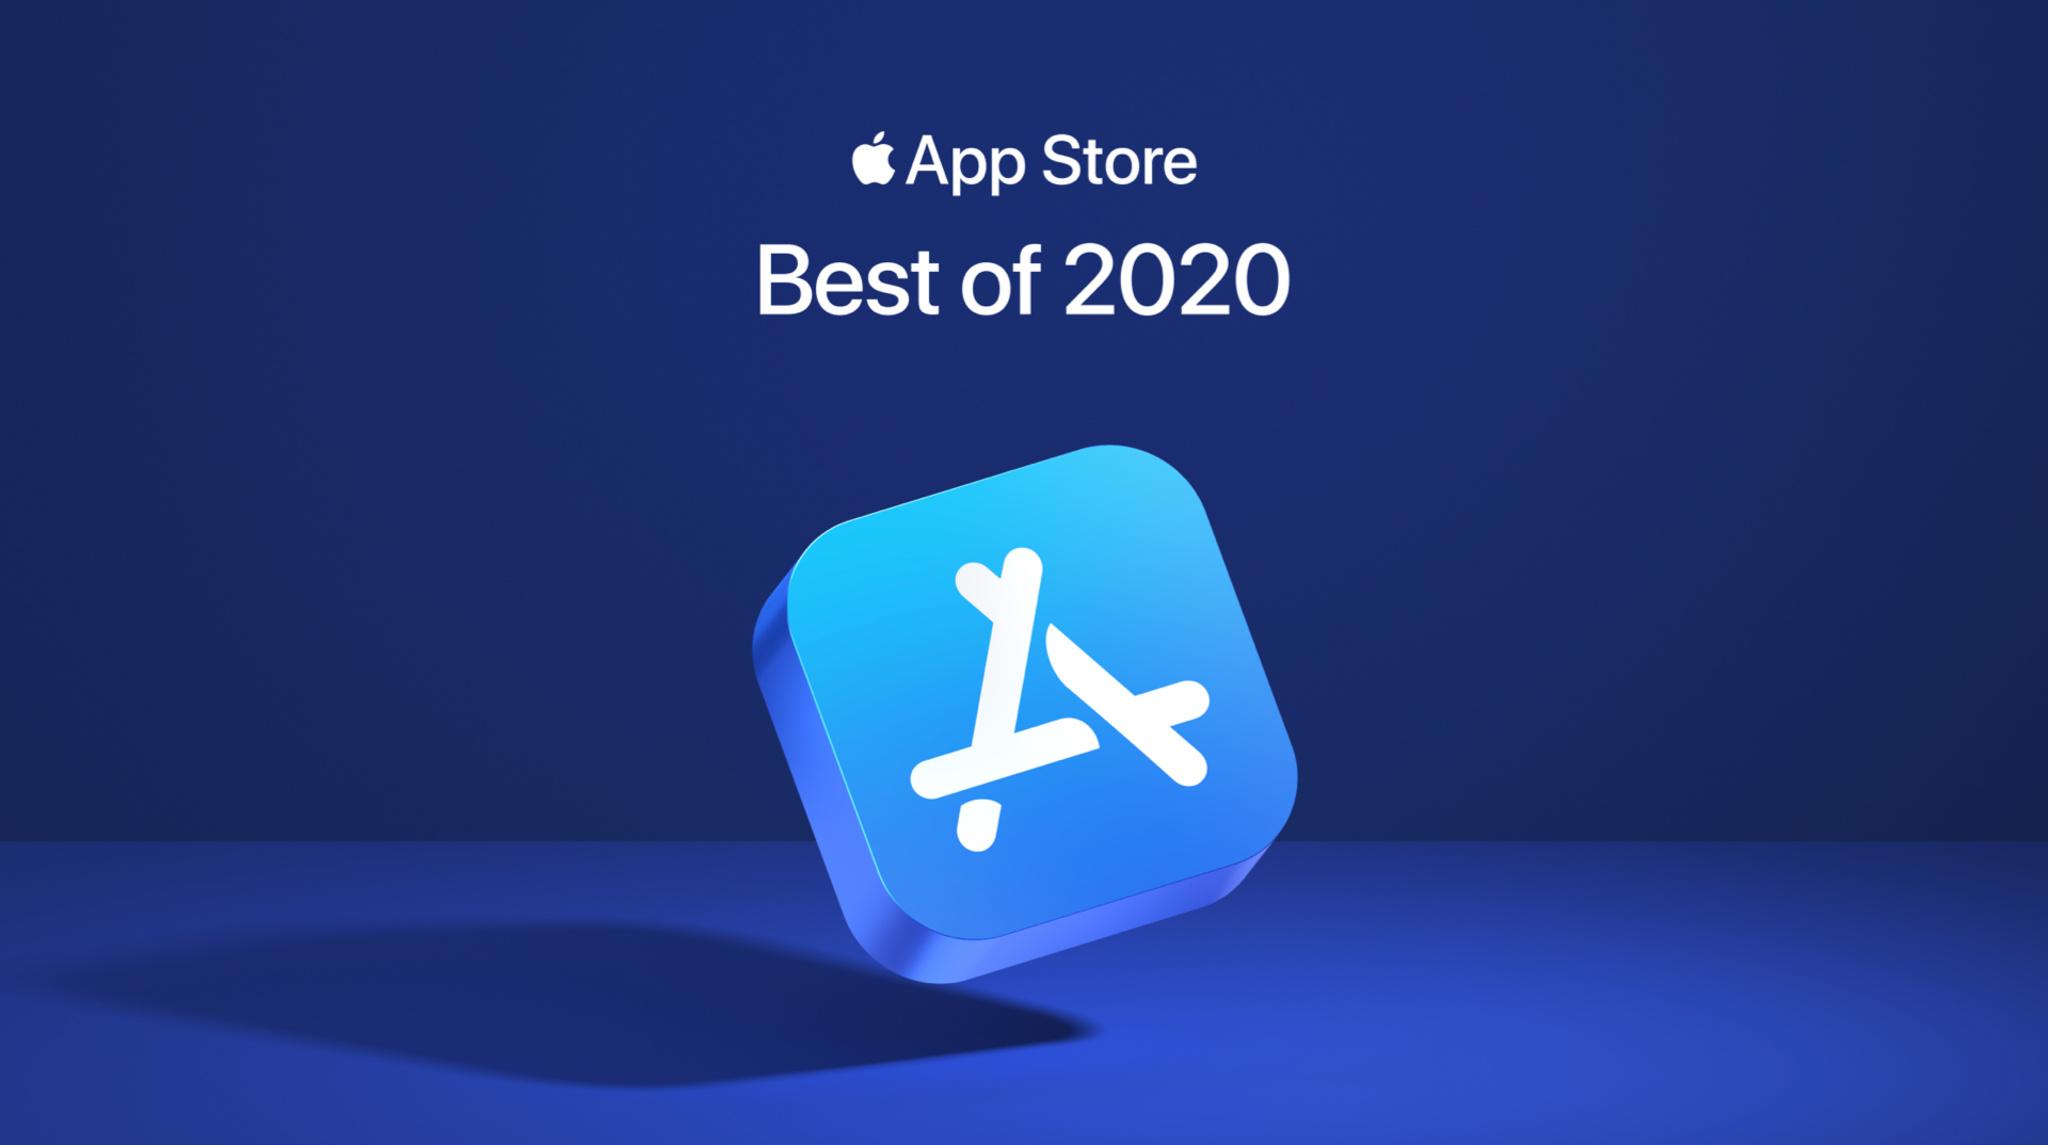 Best of 2020 winners icon